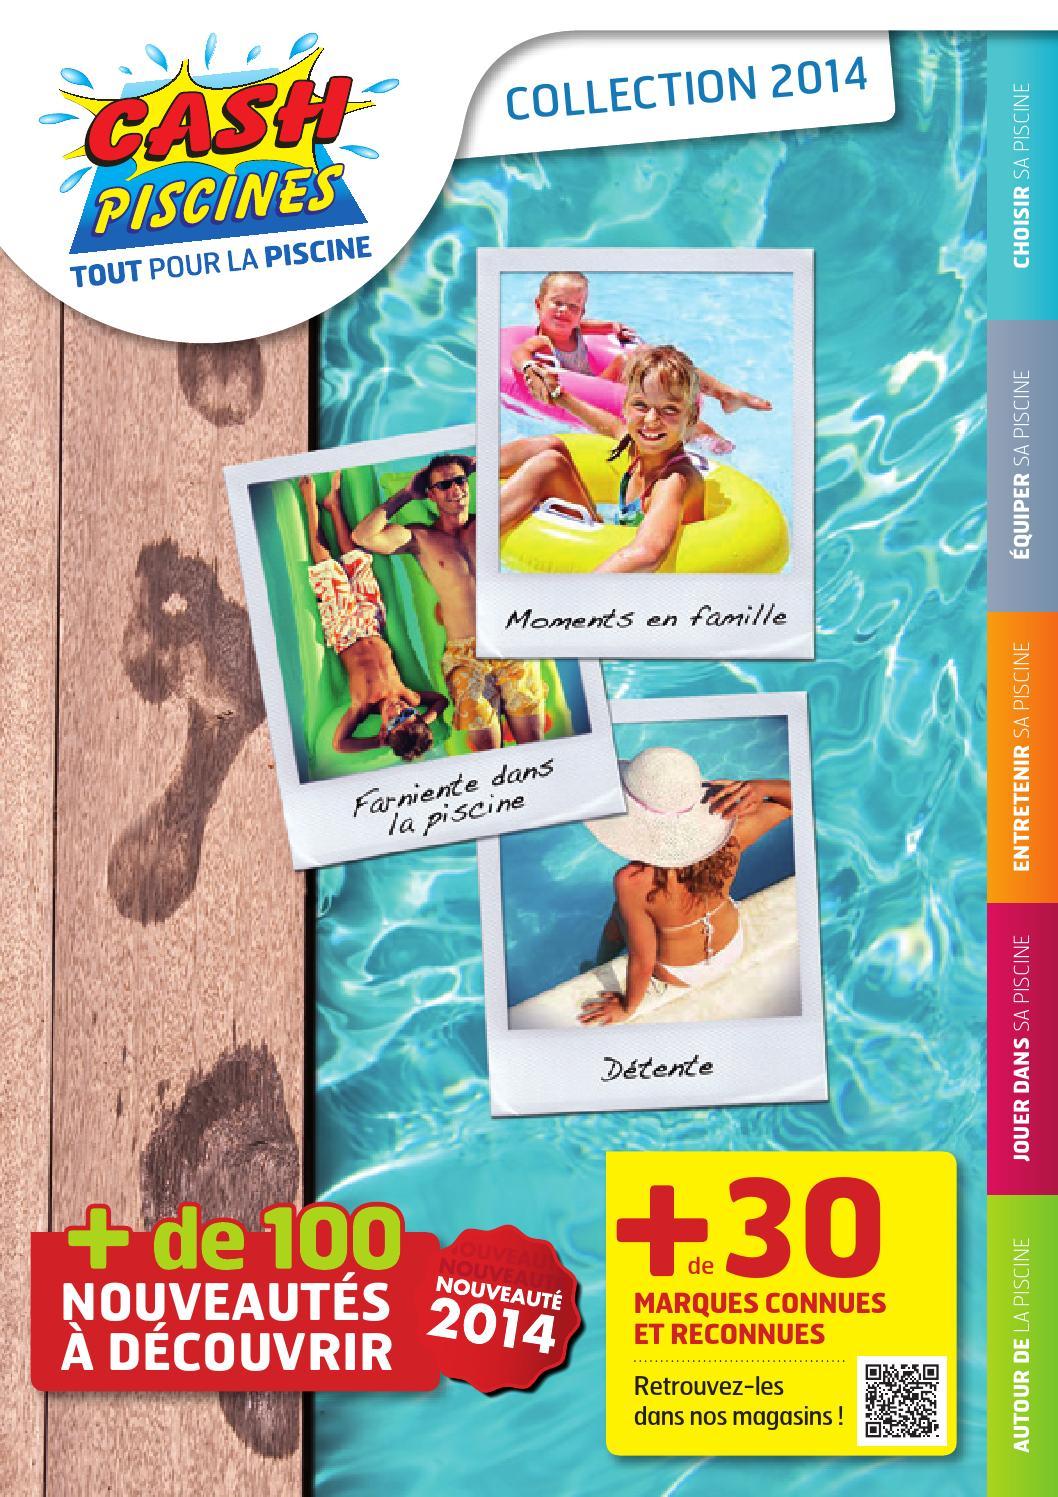 Cash Piscines Catalogue 2014 By Octave Octave - Issuu dedans Cash Piscine Lescar